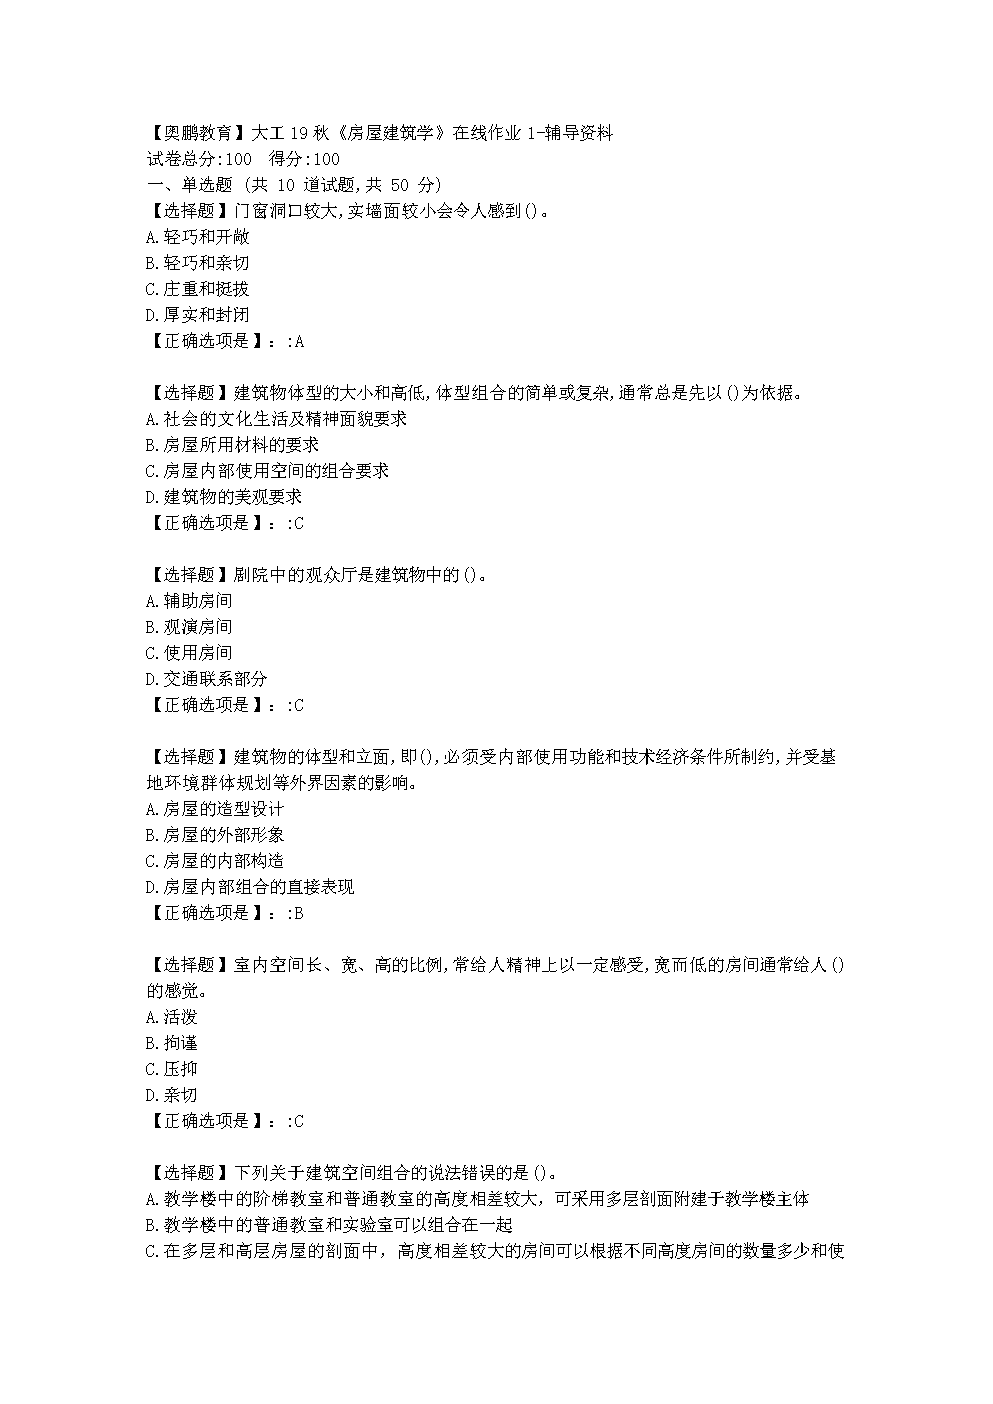 大连理工大学19秋《房屋建筑学》在线作业1学习资料.doc